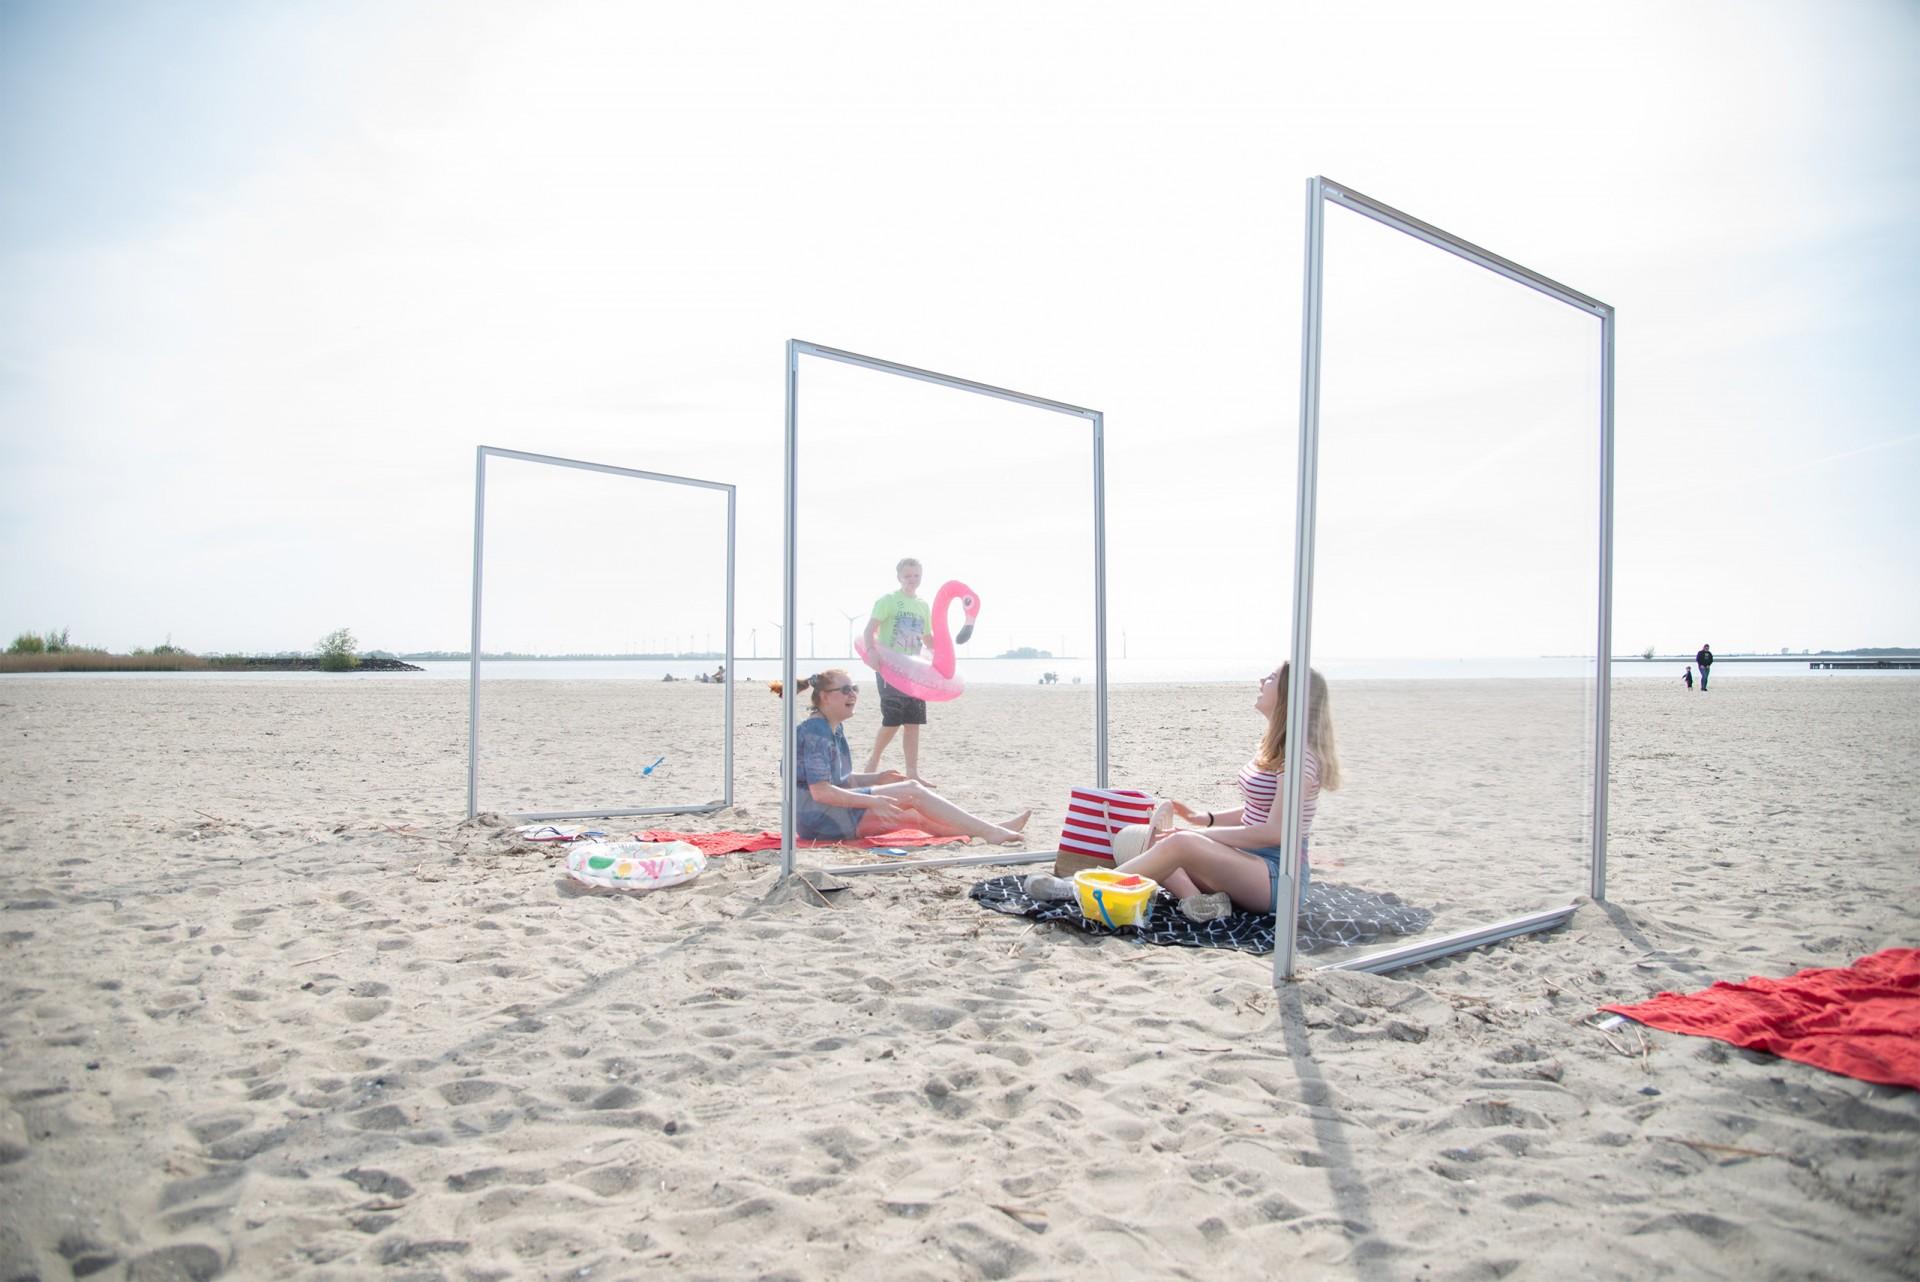 Spuckschutz Aluminiumrahmen Strand